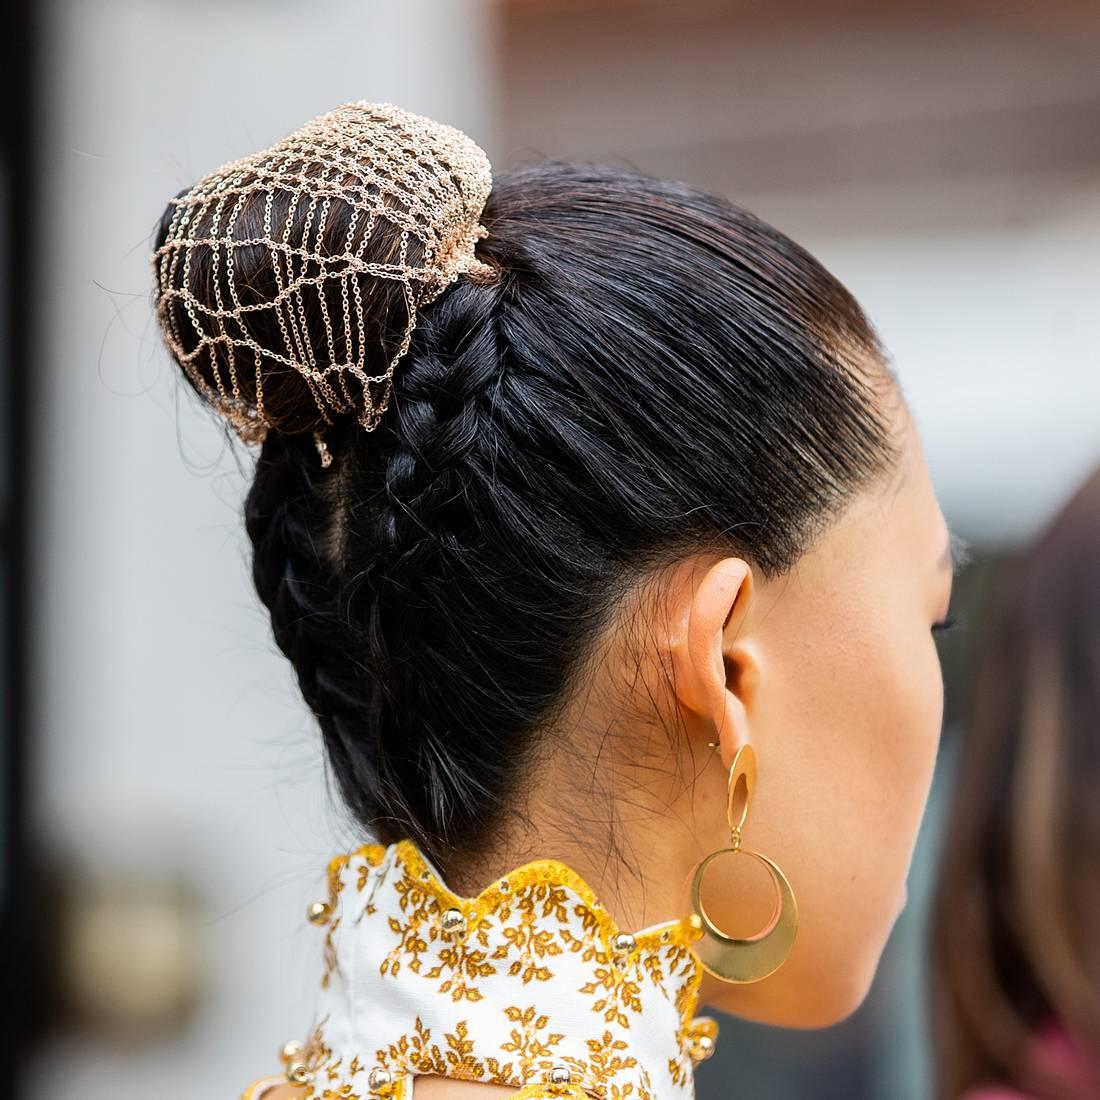 Neue Frisuren: 10 brandneue Trendfrisuren für 2021 ...